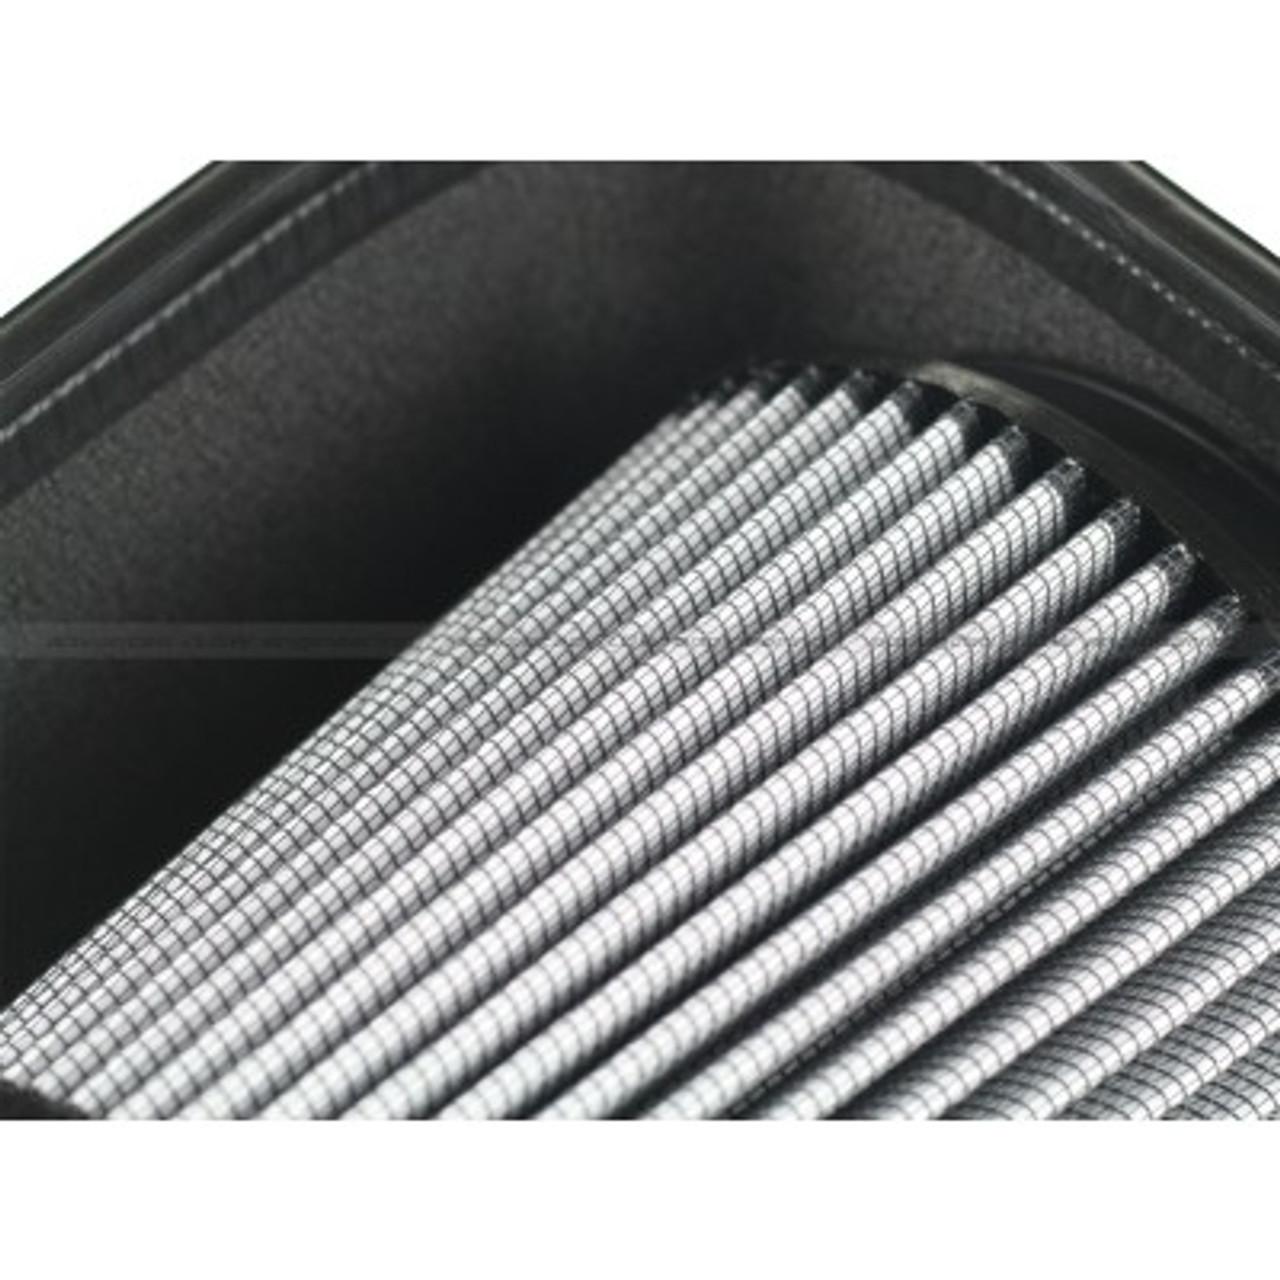 51-12092-1 - AFE COLD AIR INTAKE 2012-2016 JEEP WRANGLER JK V6 3.6L PRO DRY S DRY FILTER